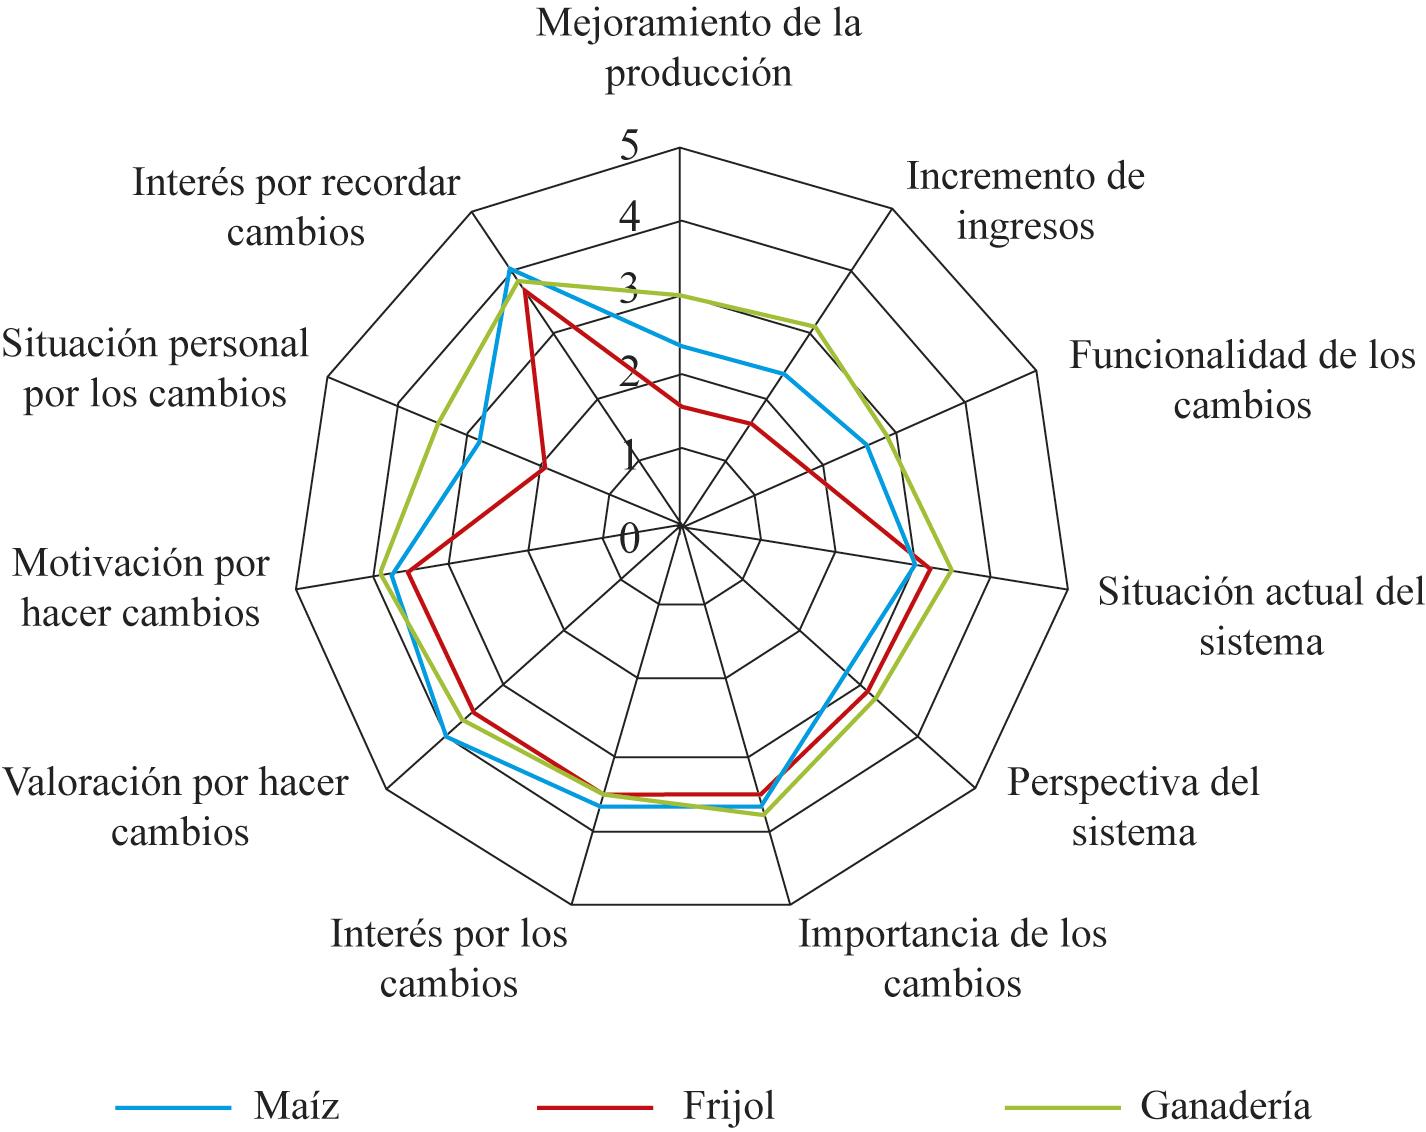 Variables que muestran la situación actual de los sistemas agropecuarios y la perspectiva del productor hacia la innovación